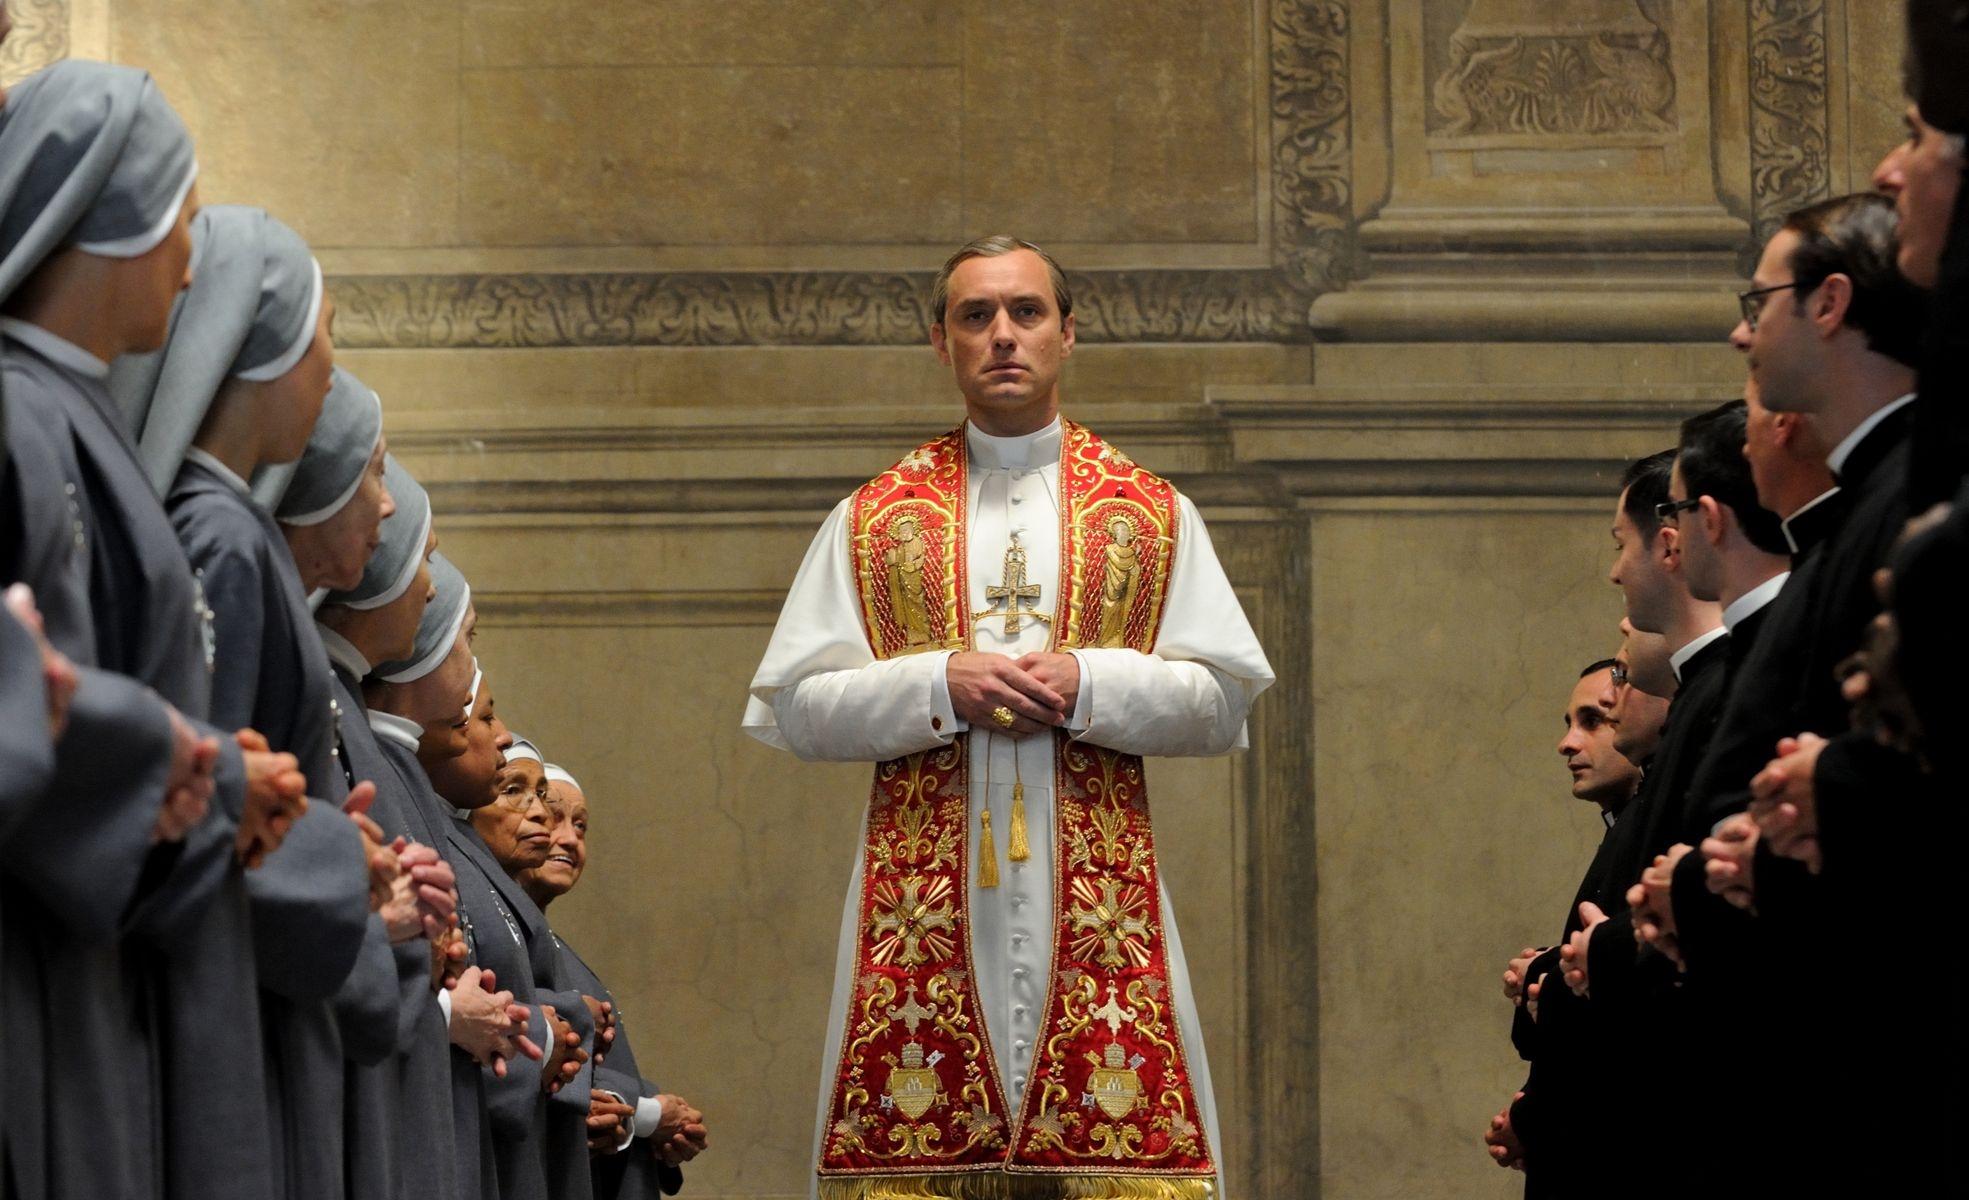 John Malkovich-csal, Az új pápa címmel folytatódik Az ifjú pápa